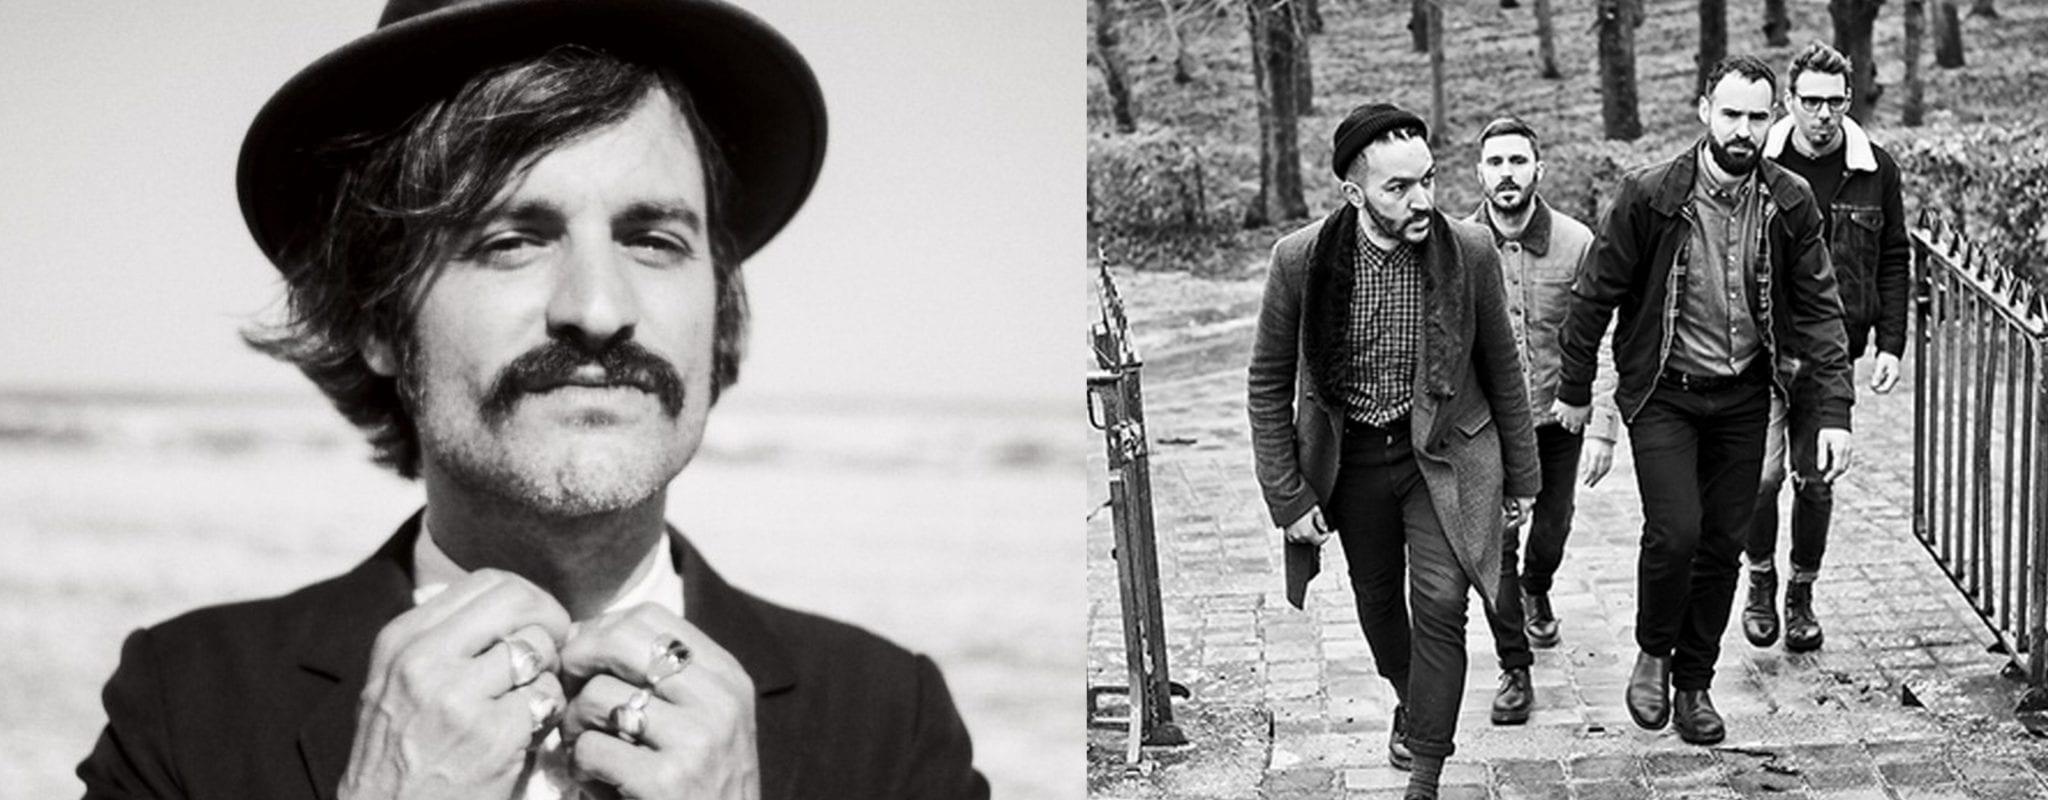 Sammy Decoster et Palatine à Django vendredi: une scène française amoureuse de l'Amérique